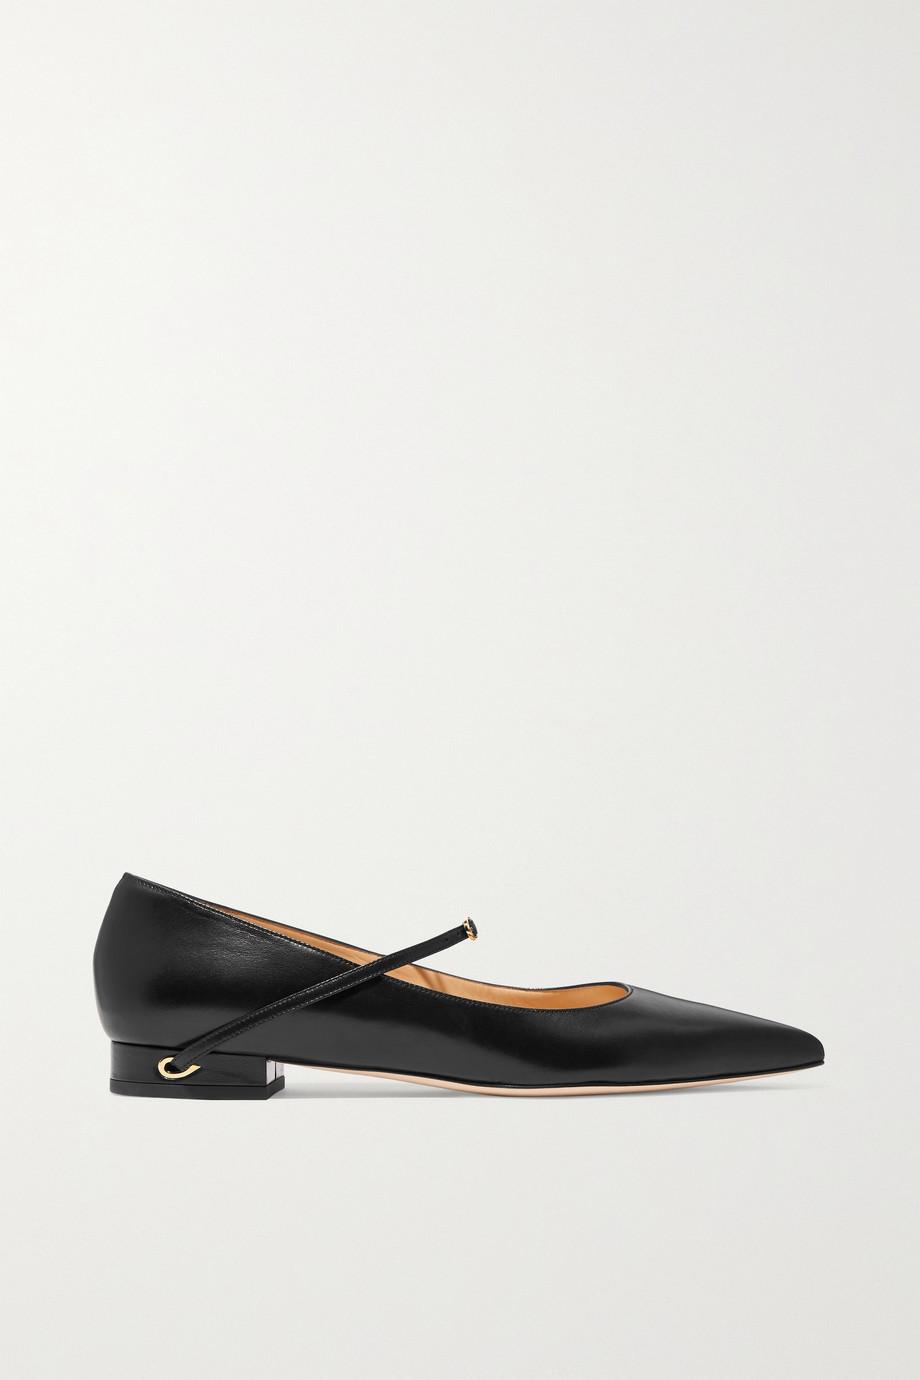 Jennifer Chamandi Lorenzo 皮革尖头平底鞋